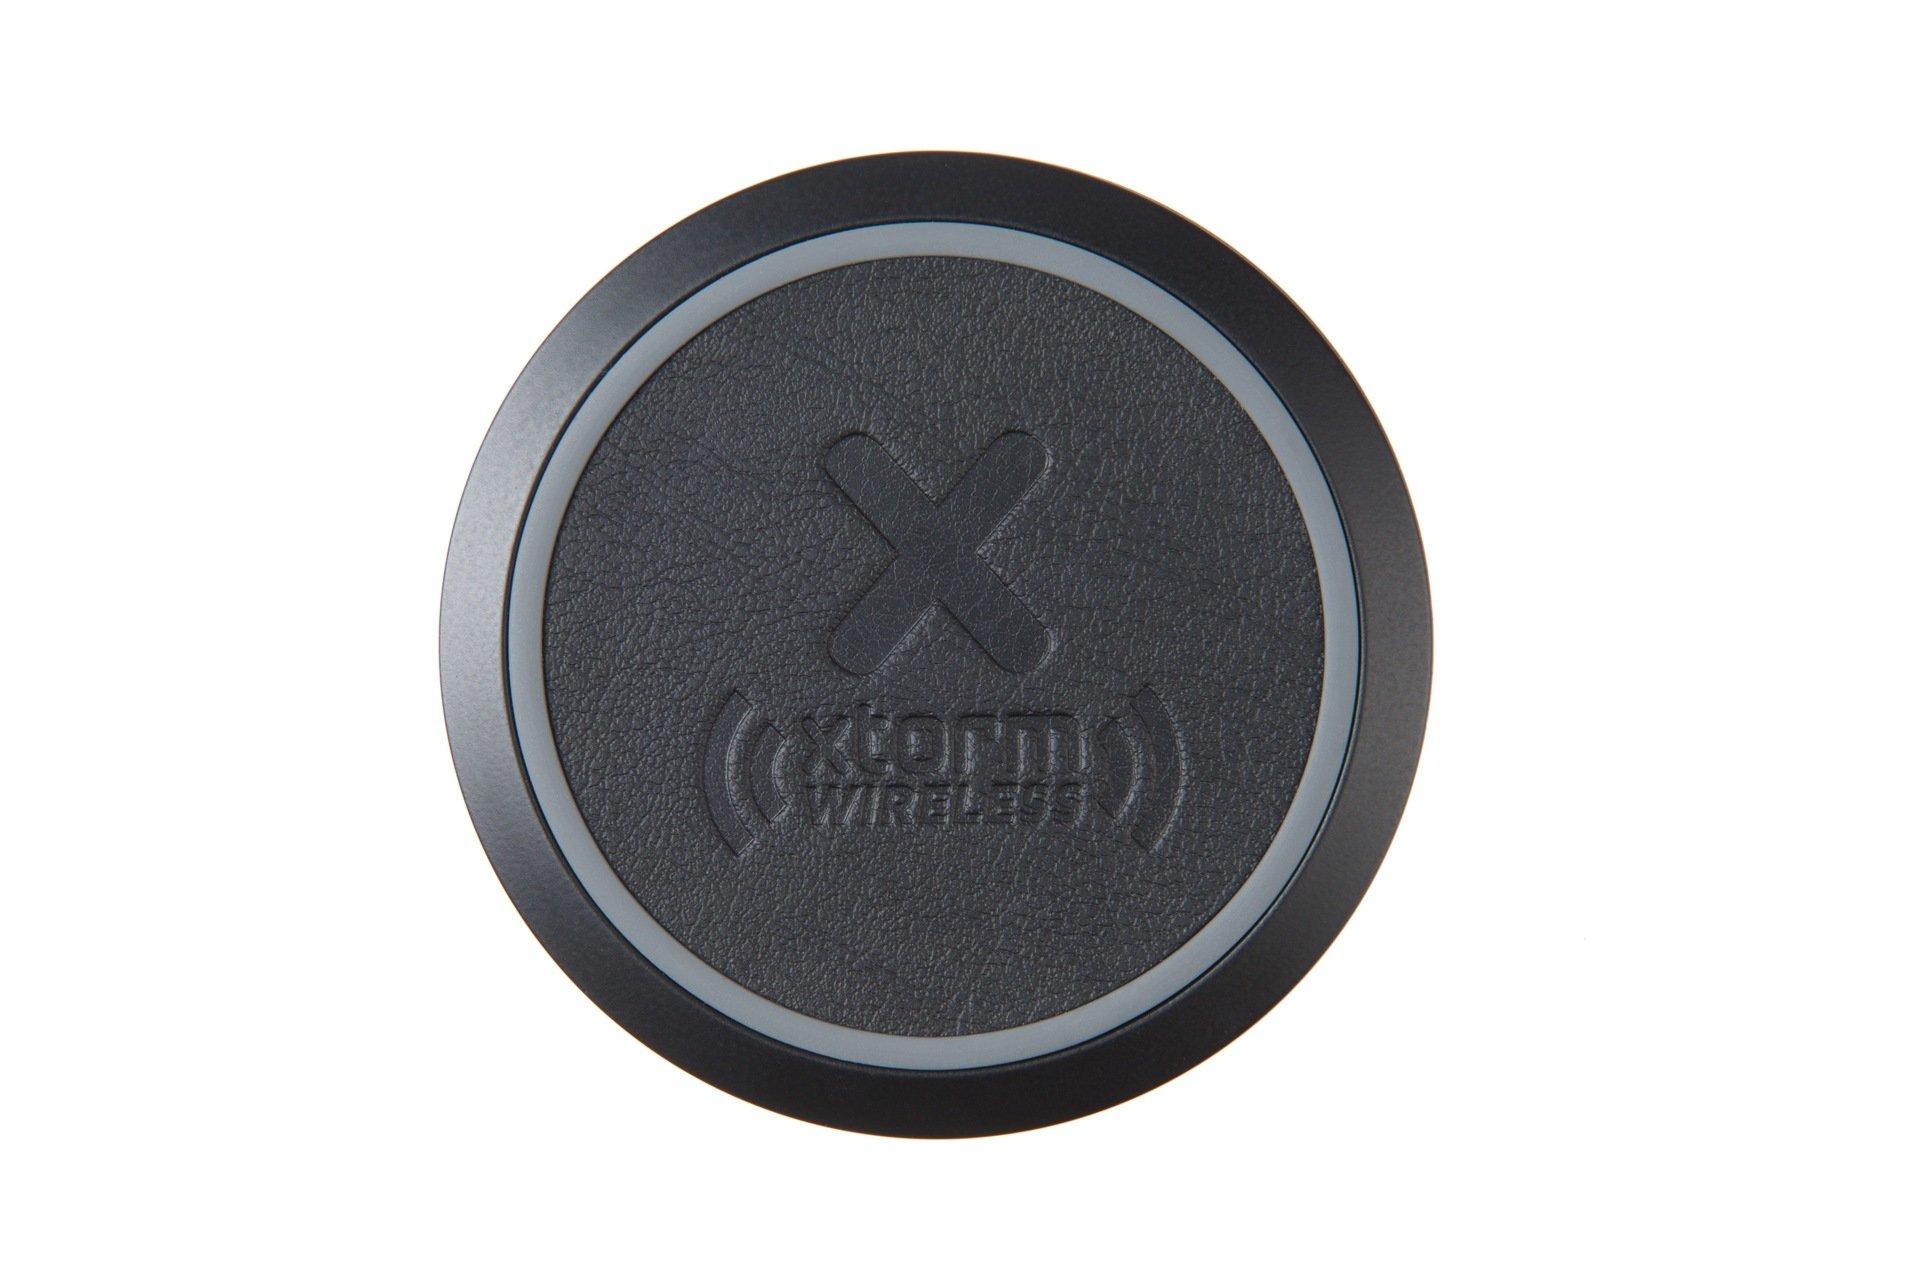 Xtorm Wireless Fast Charging Pad (QI) - test redakcyjny Telix.pl